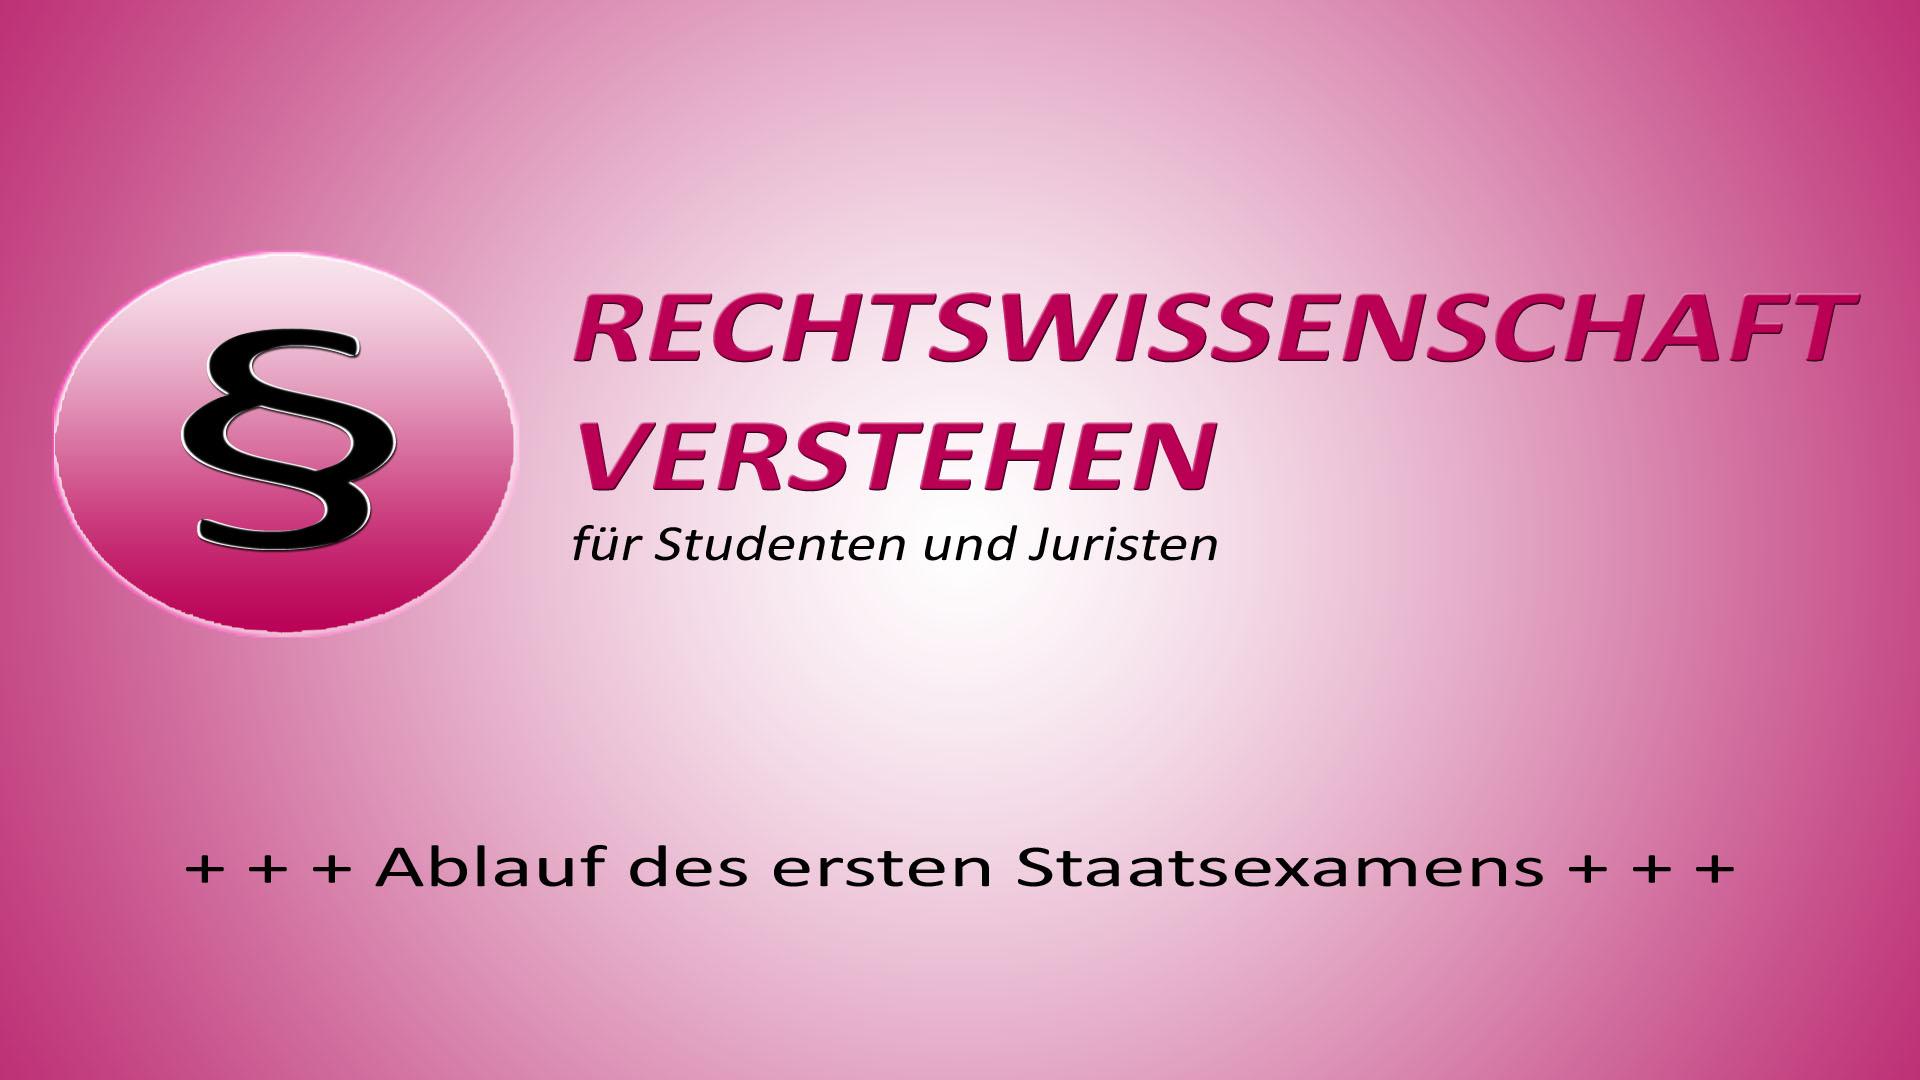 Ablauf des ersten Staatsexamens | Rechtswissenschaft Blog